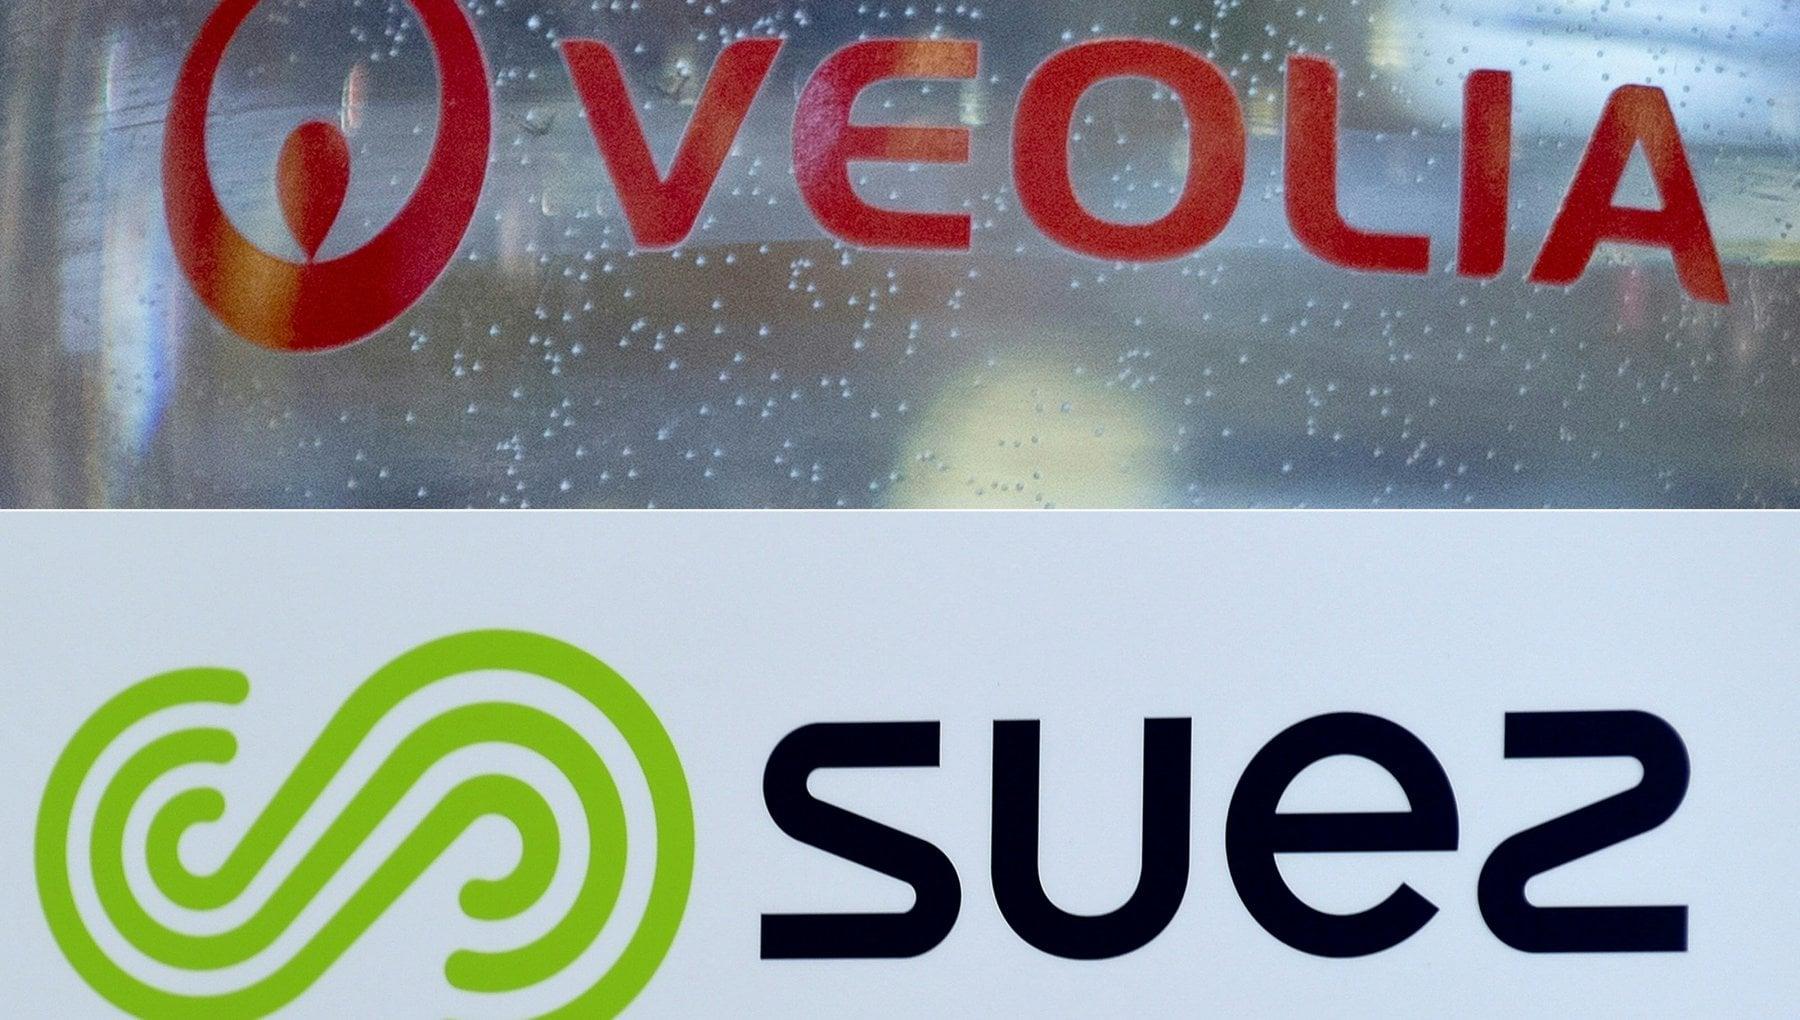 Veolia - Suez: accordo per la fusione nei settori di acqua e rifiuti - la Repubblica